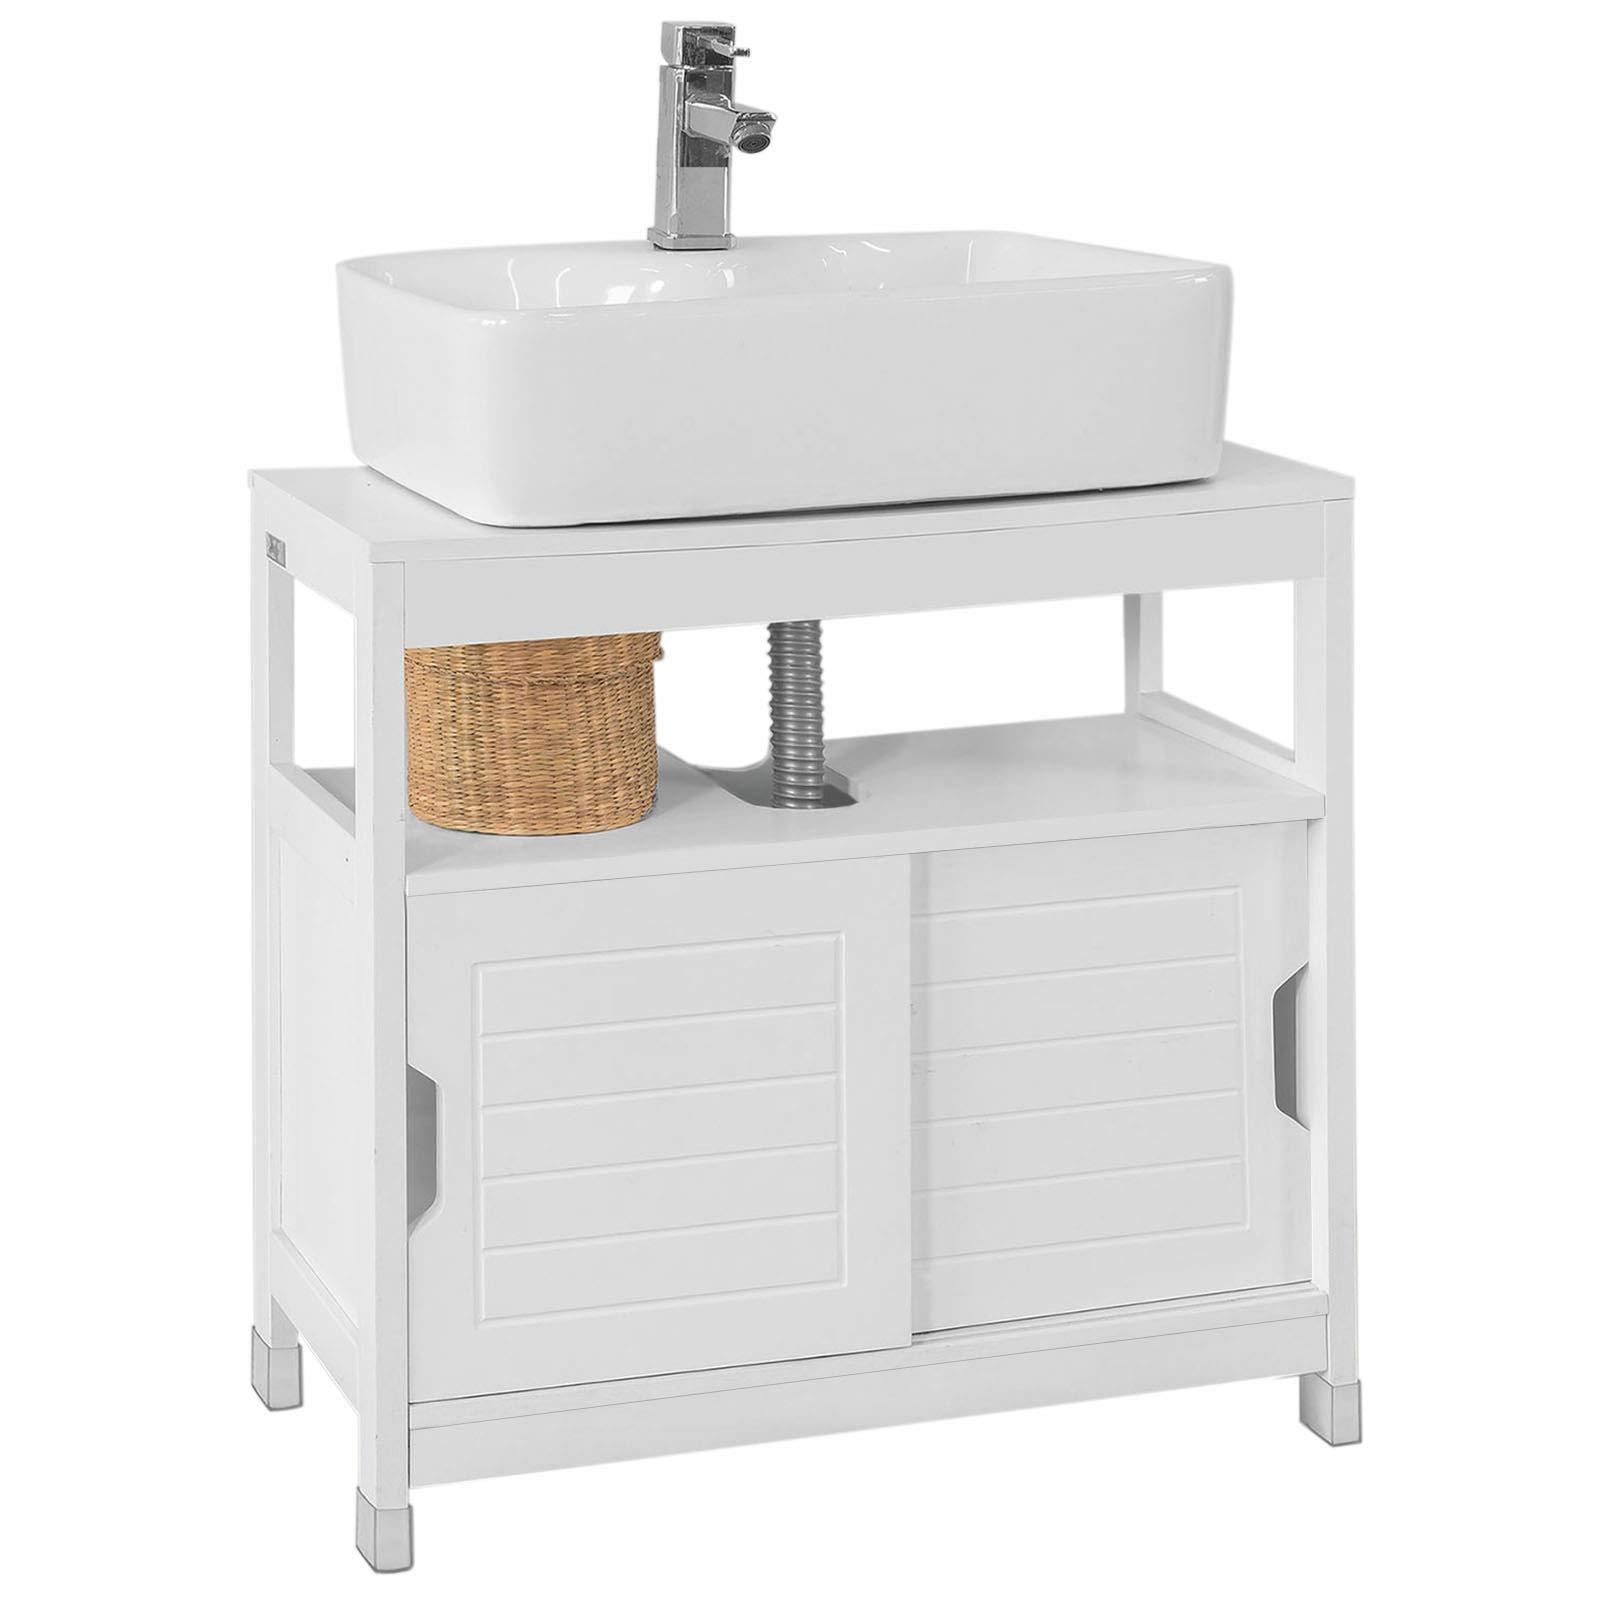 SoBuy FRG128-W - Armario bajero para lavabo, 1 altura y 2 puertas correderas, color blanco: Amazon.es: Hogar